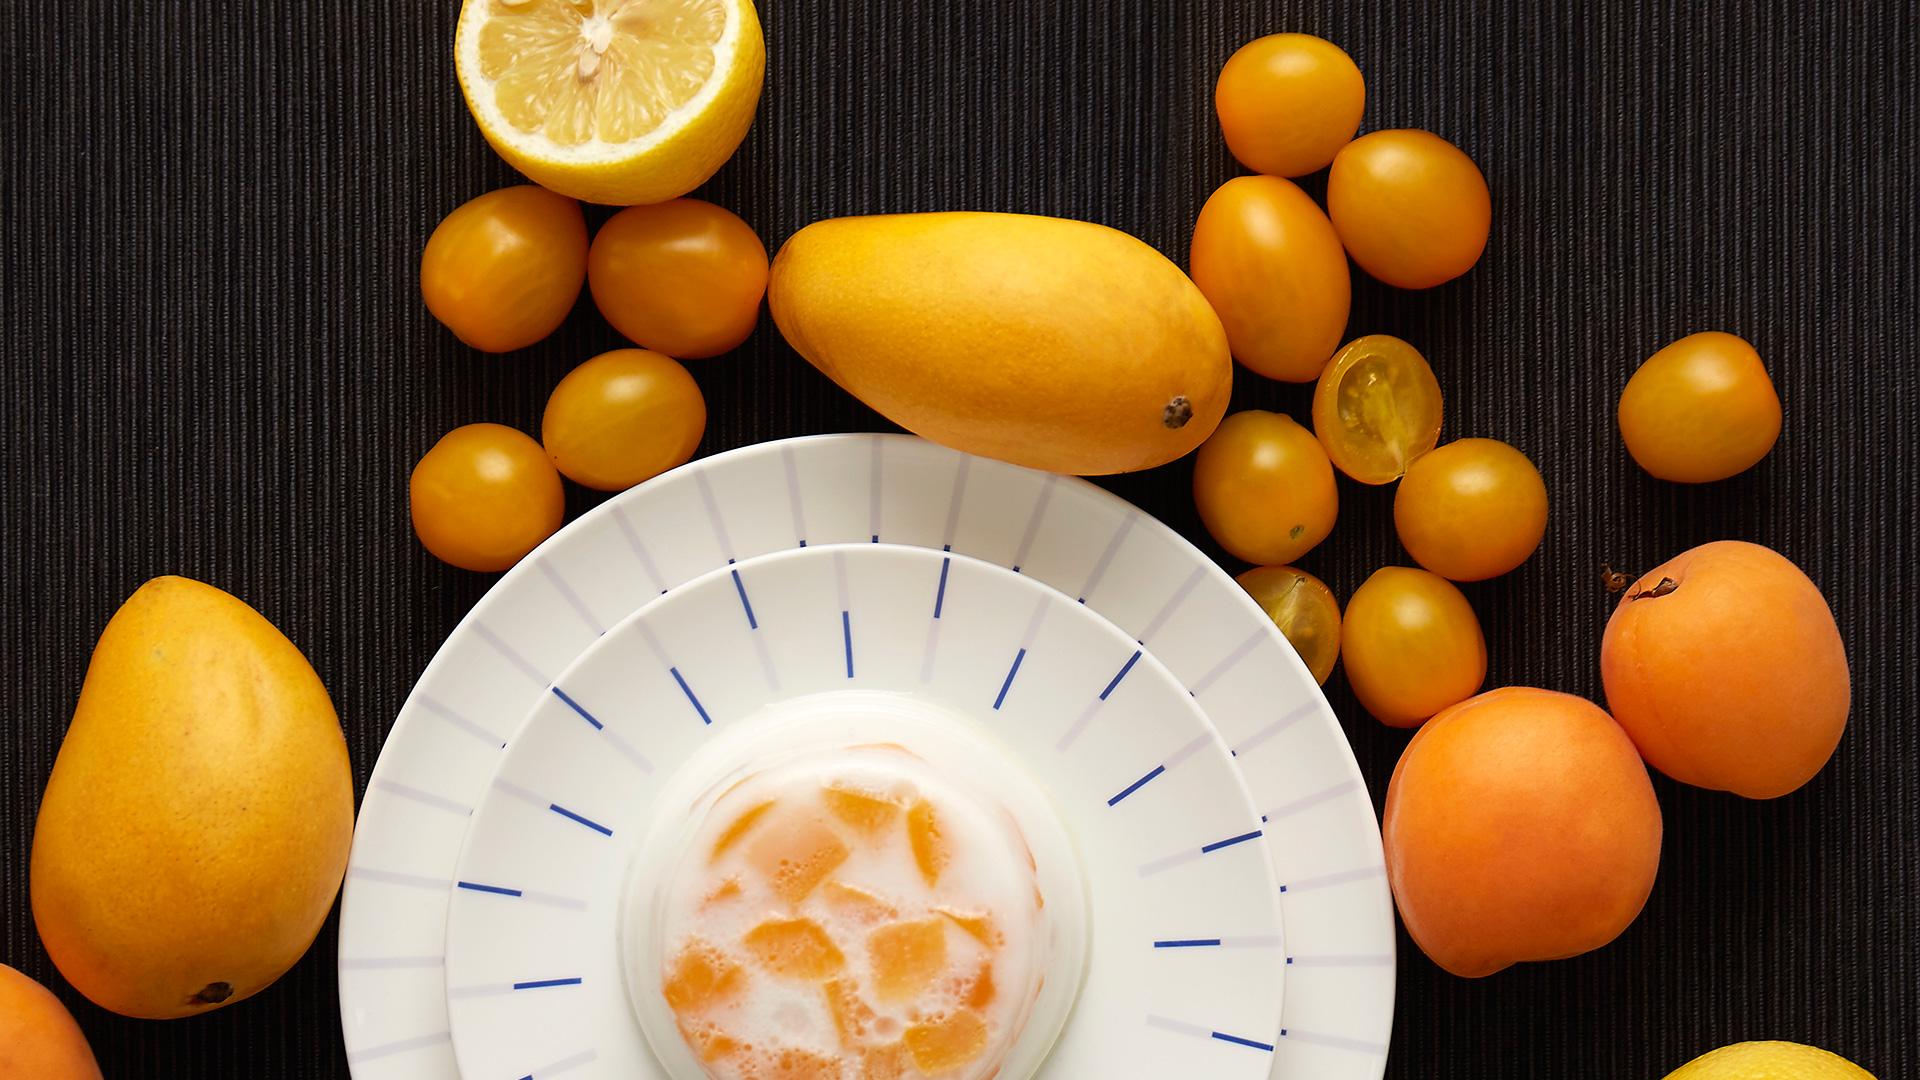 一席餐桌布置,映射一副空间表情。?x-oss-process=image/format,jpg/interlace,1